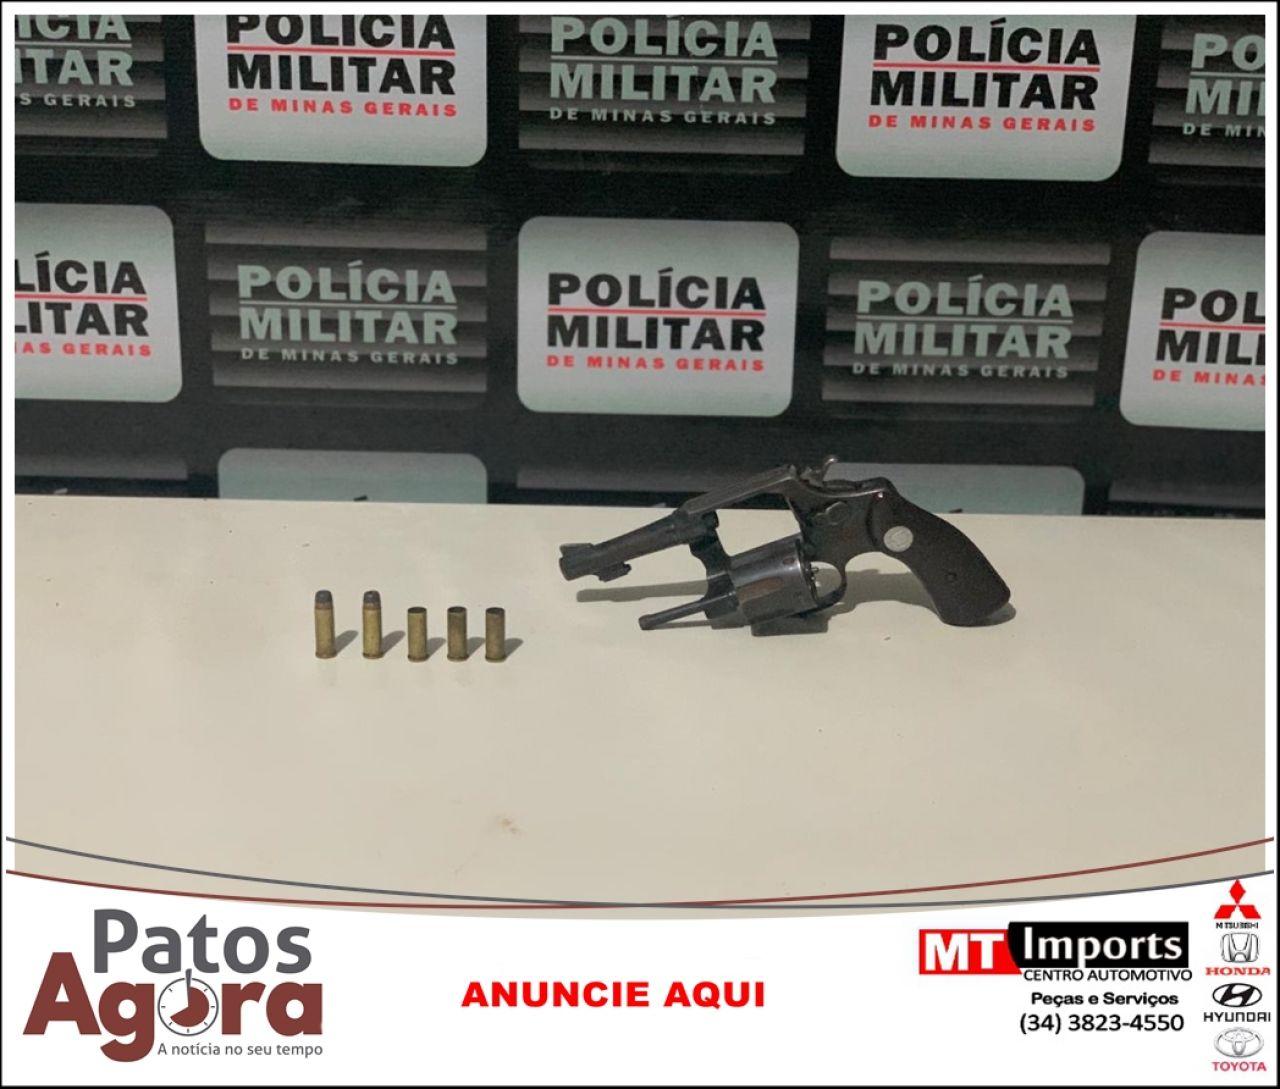 Casal é preso após tentativa de homicídio em Patrocínio